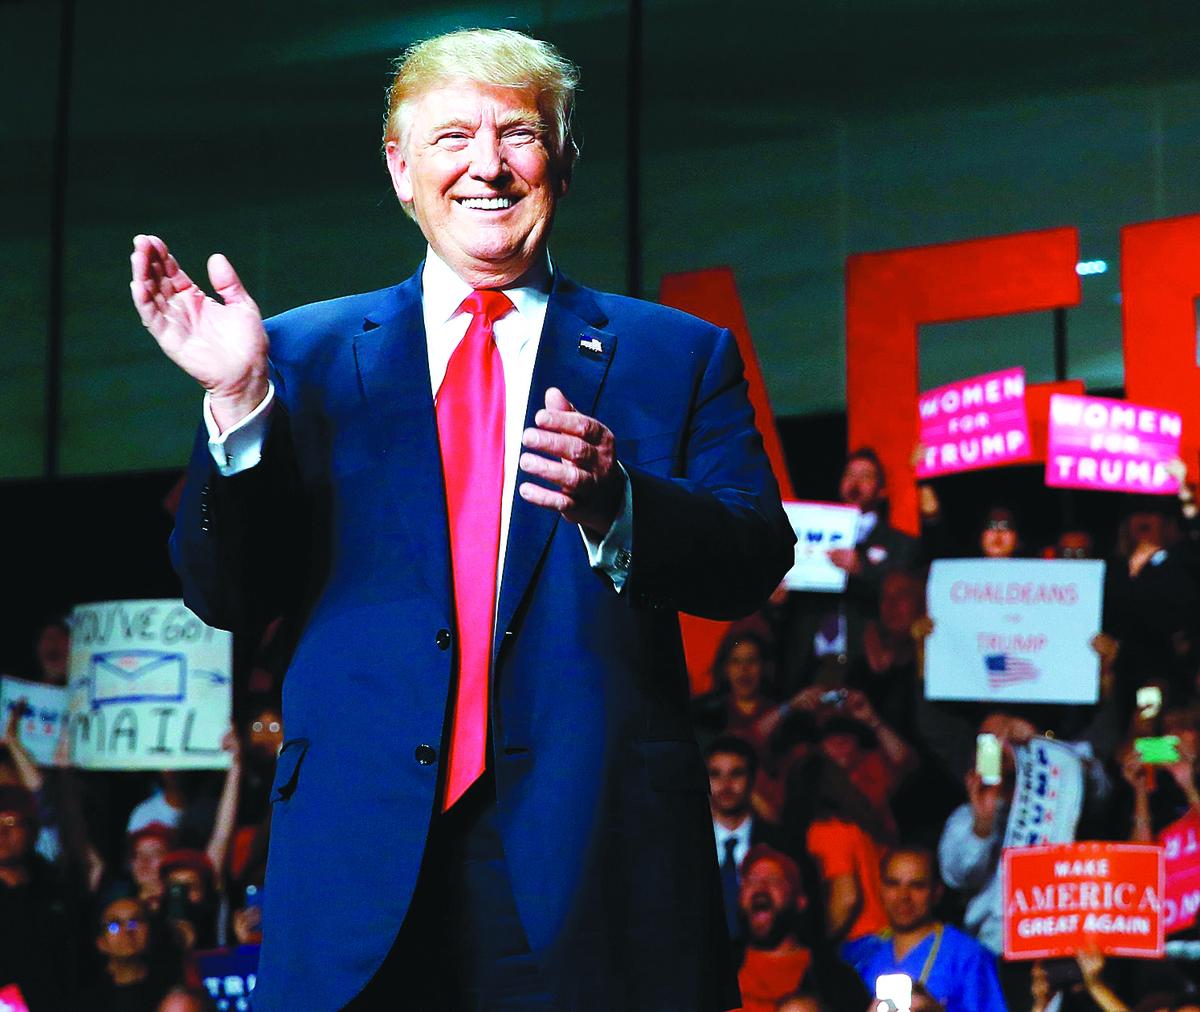 特朗普在其他群體中也有很高支持度,他不敬女性的言論曝光後,競選集會上仍然常常擠滿「女性支持特朗普(Women for Trump)」的牌子。(AFP)